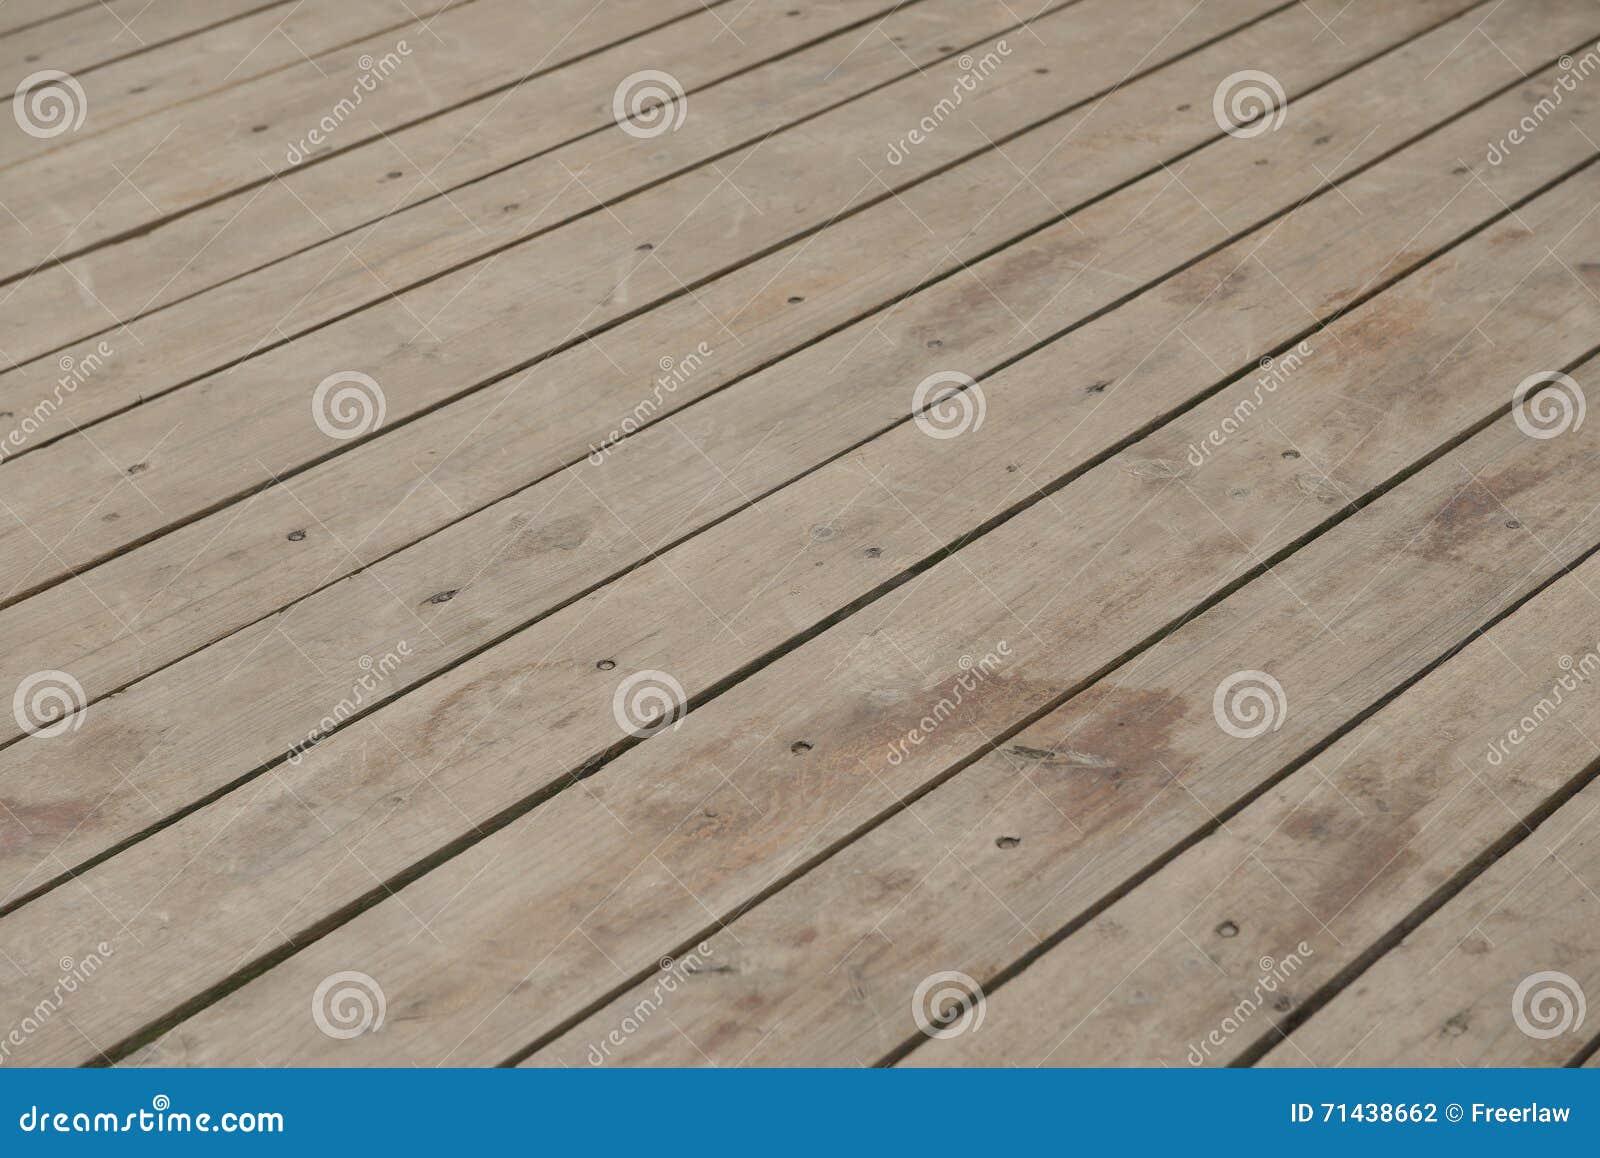 Tablón de madera anguloso